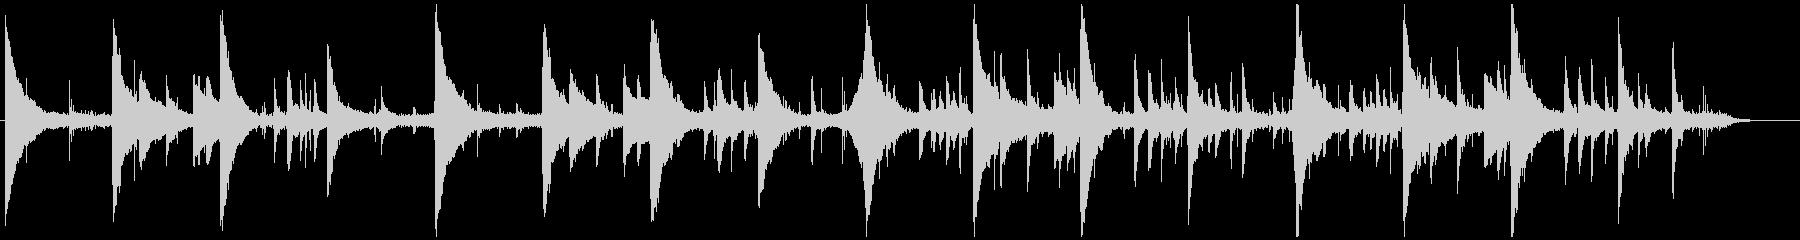 海の神殿 ピアノ 琴 水の音 ヒーリングの未再生の波形